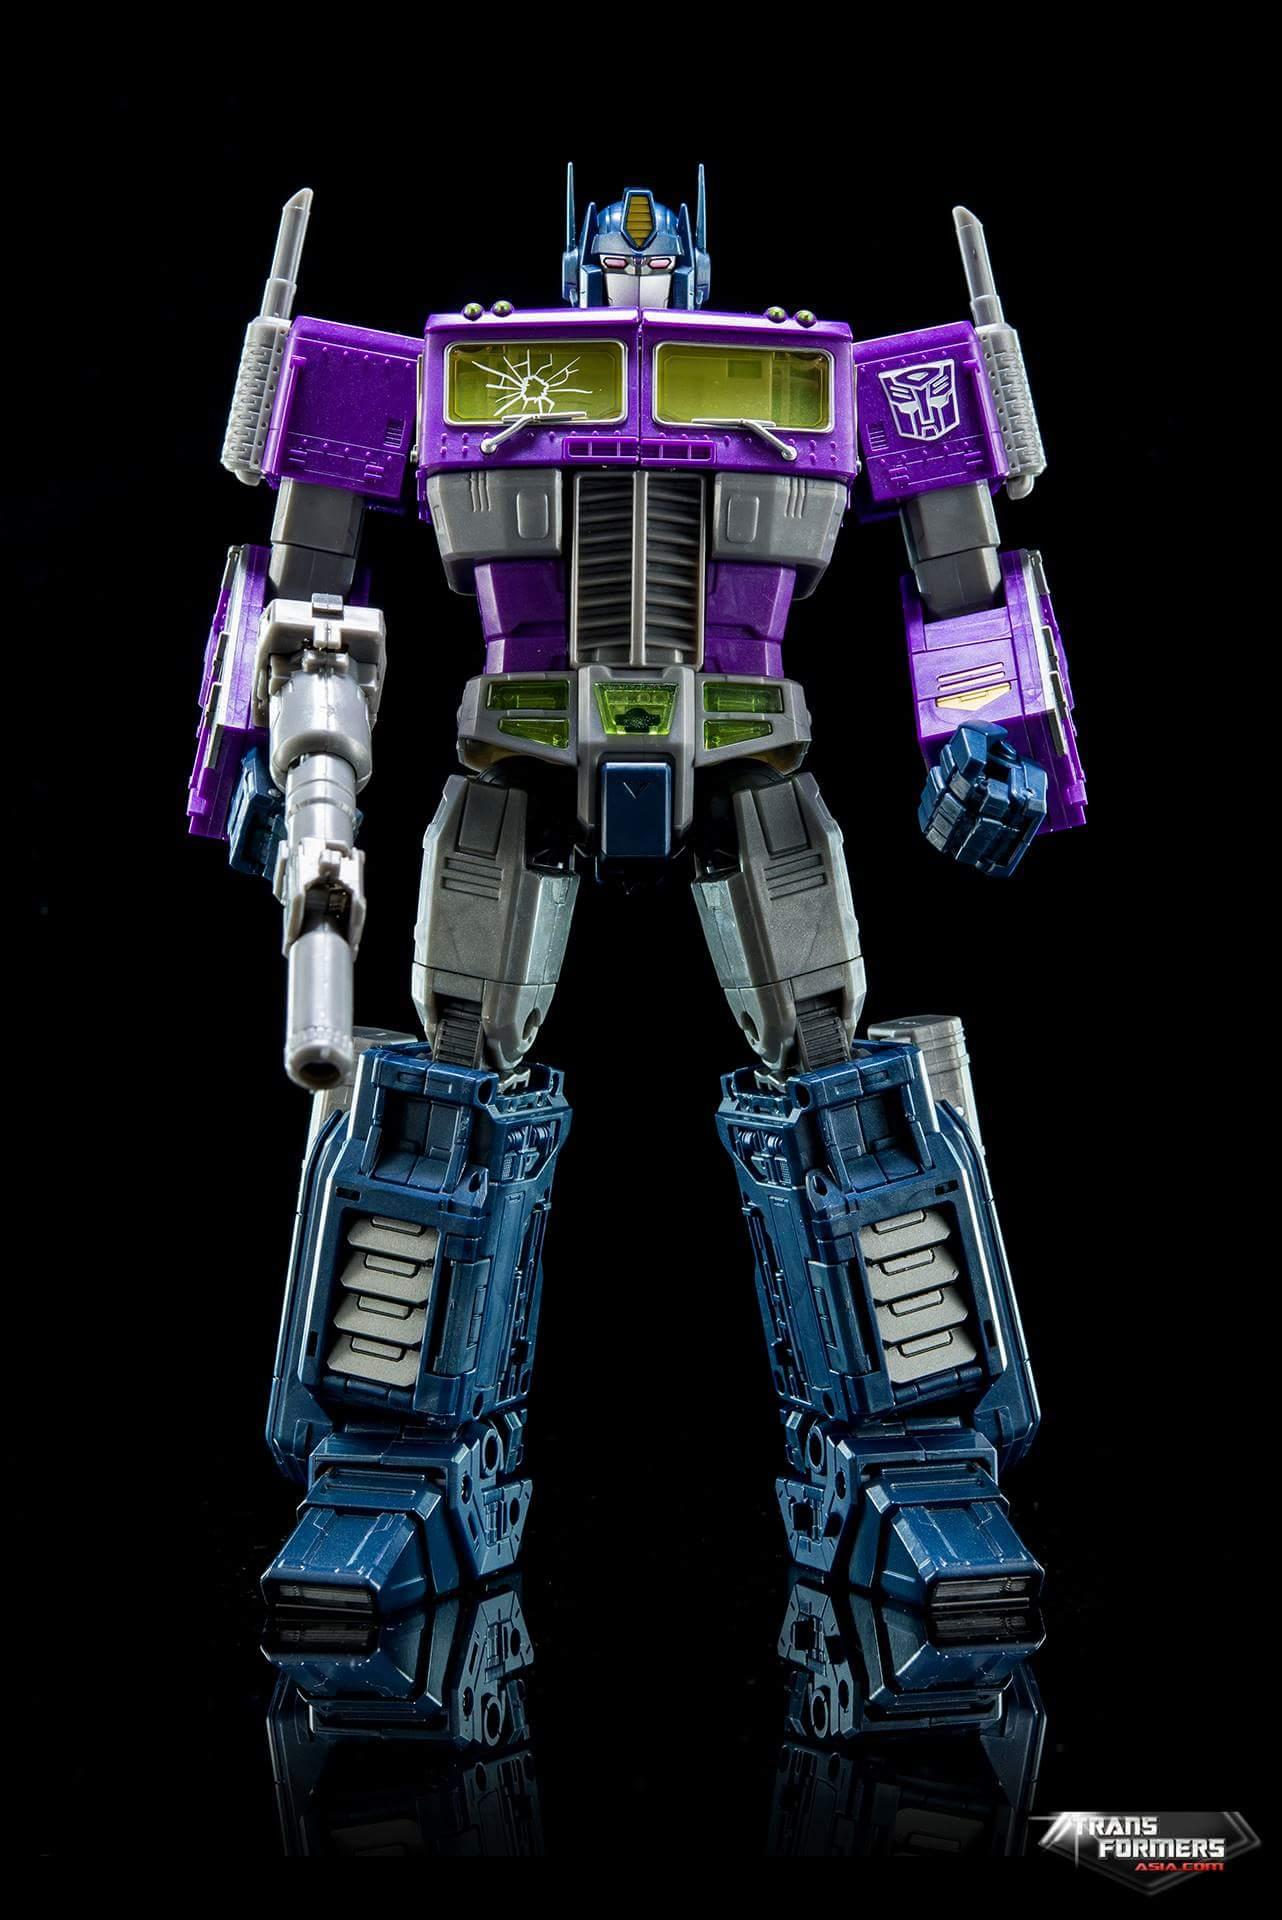 [Masterpiece] MP-10B | MP-10A | MP-10R | MP-10SG | MP-10K | MP-711 | MP-10G | MP-10 ASL ― Convoy (Optimus Prime/Optimus Primus) - Page 4 VzxhlxFw